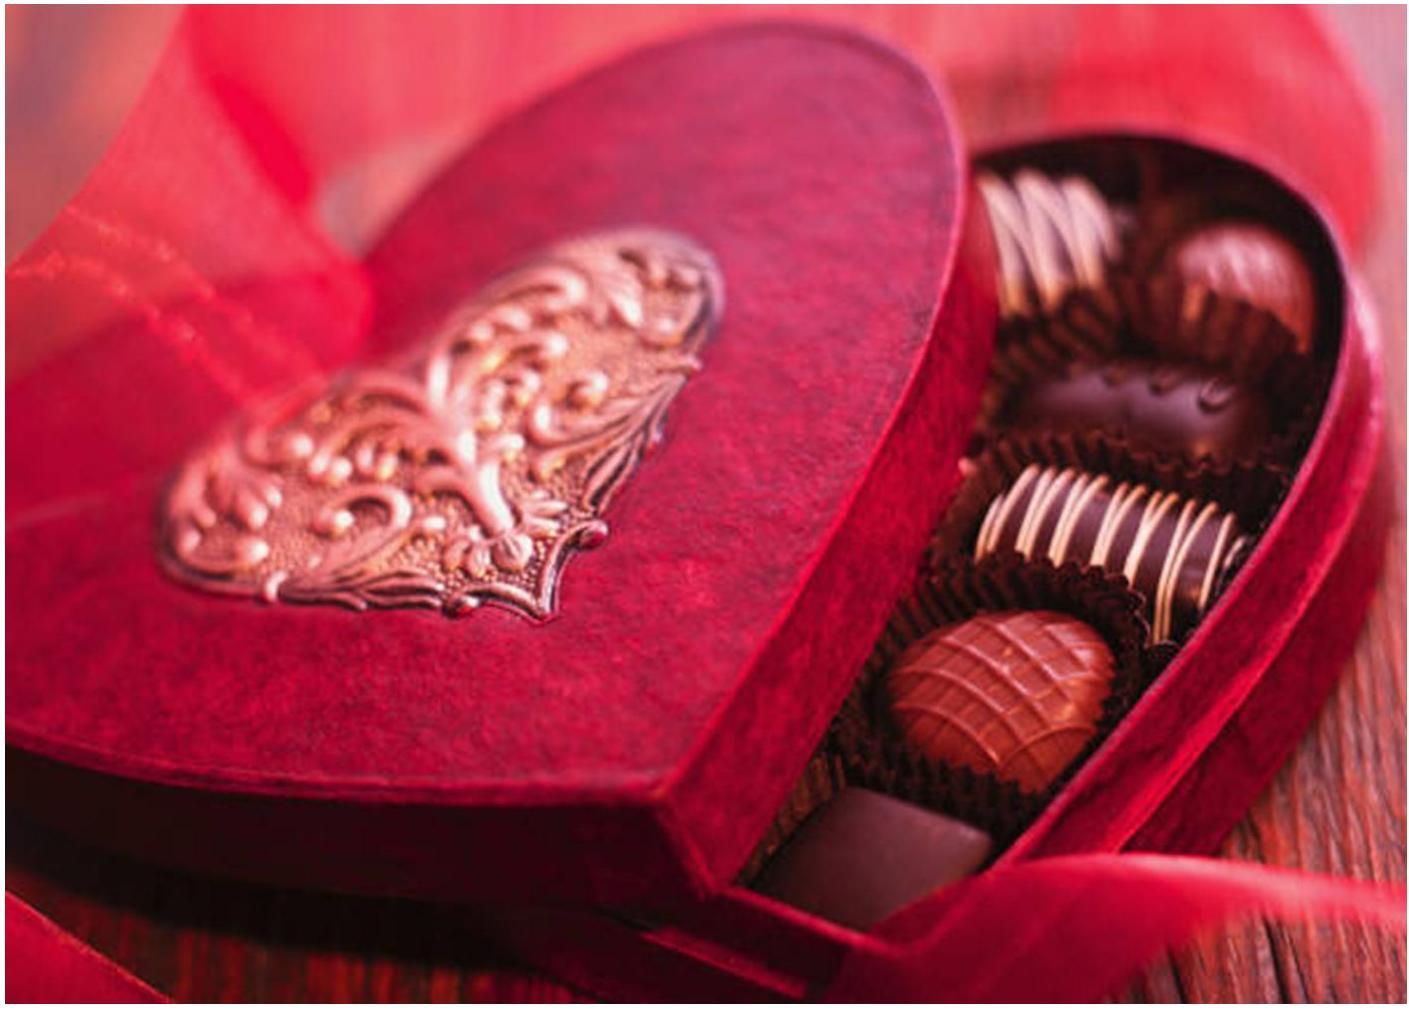 http://2.bp.blogspot.com/-hsEwjmS5iQQ/TViLP-9g9JI/AAAAAAAAAow/w3UT67FkfqE/s1600/ValentinesDay2011.jpg